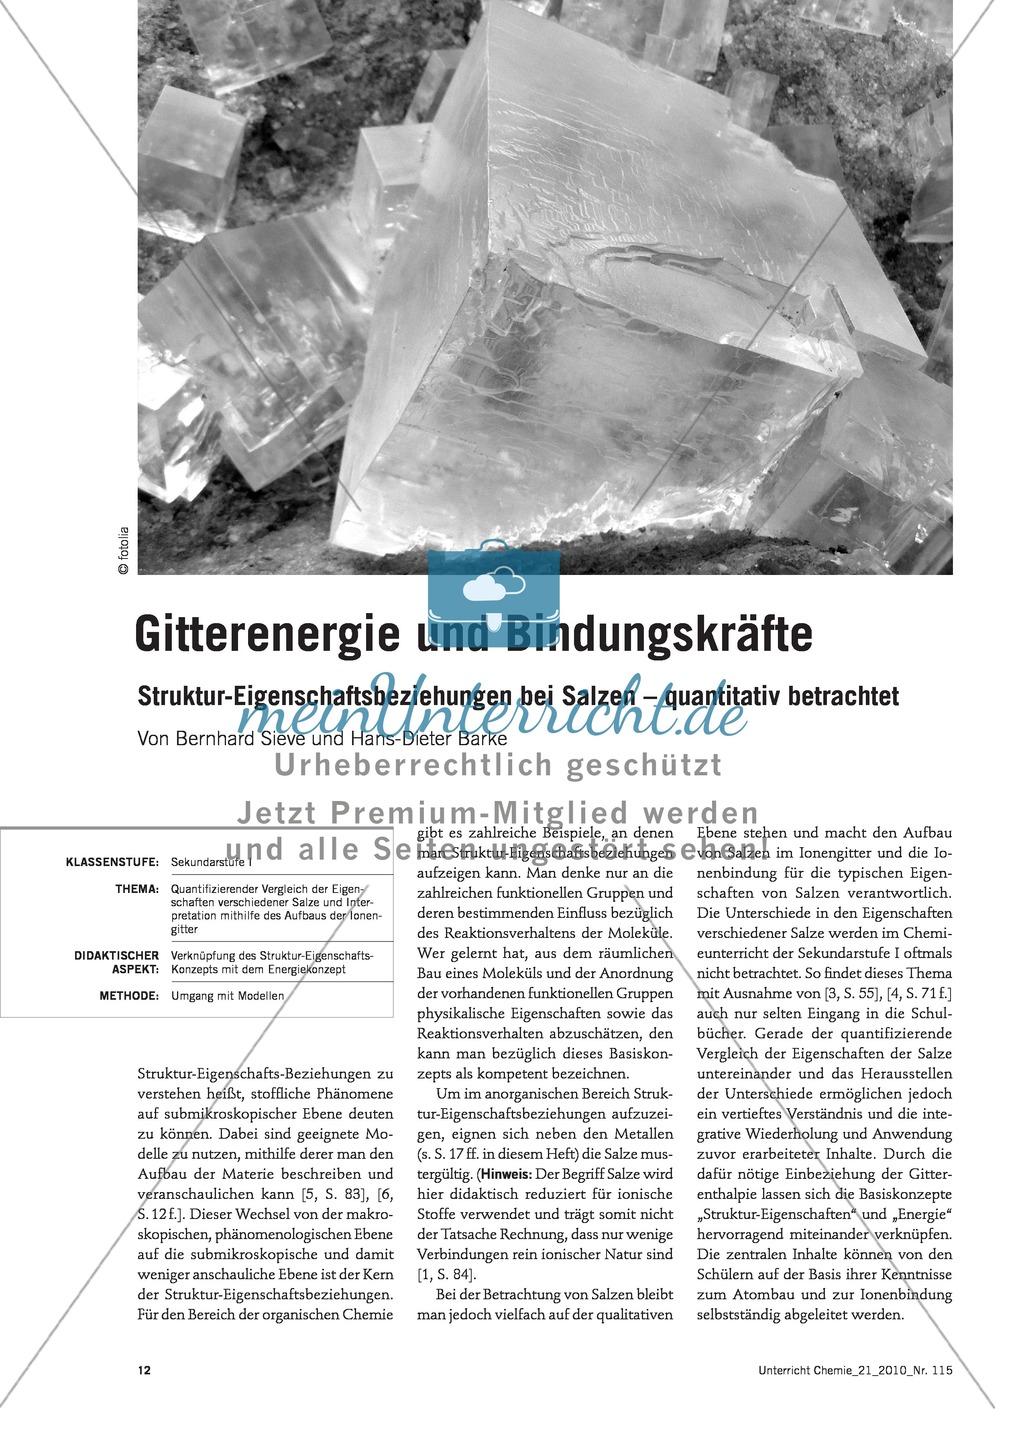 Quantifizierender Vergleich der Eigenschaften verschiedener Salze und Interpretation mithilfe des Aufbaus der Ionengitter Preview 0